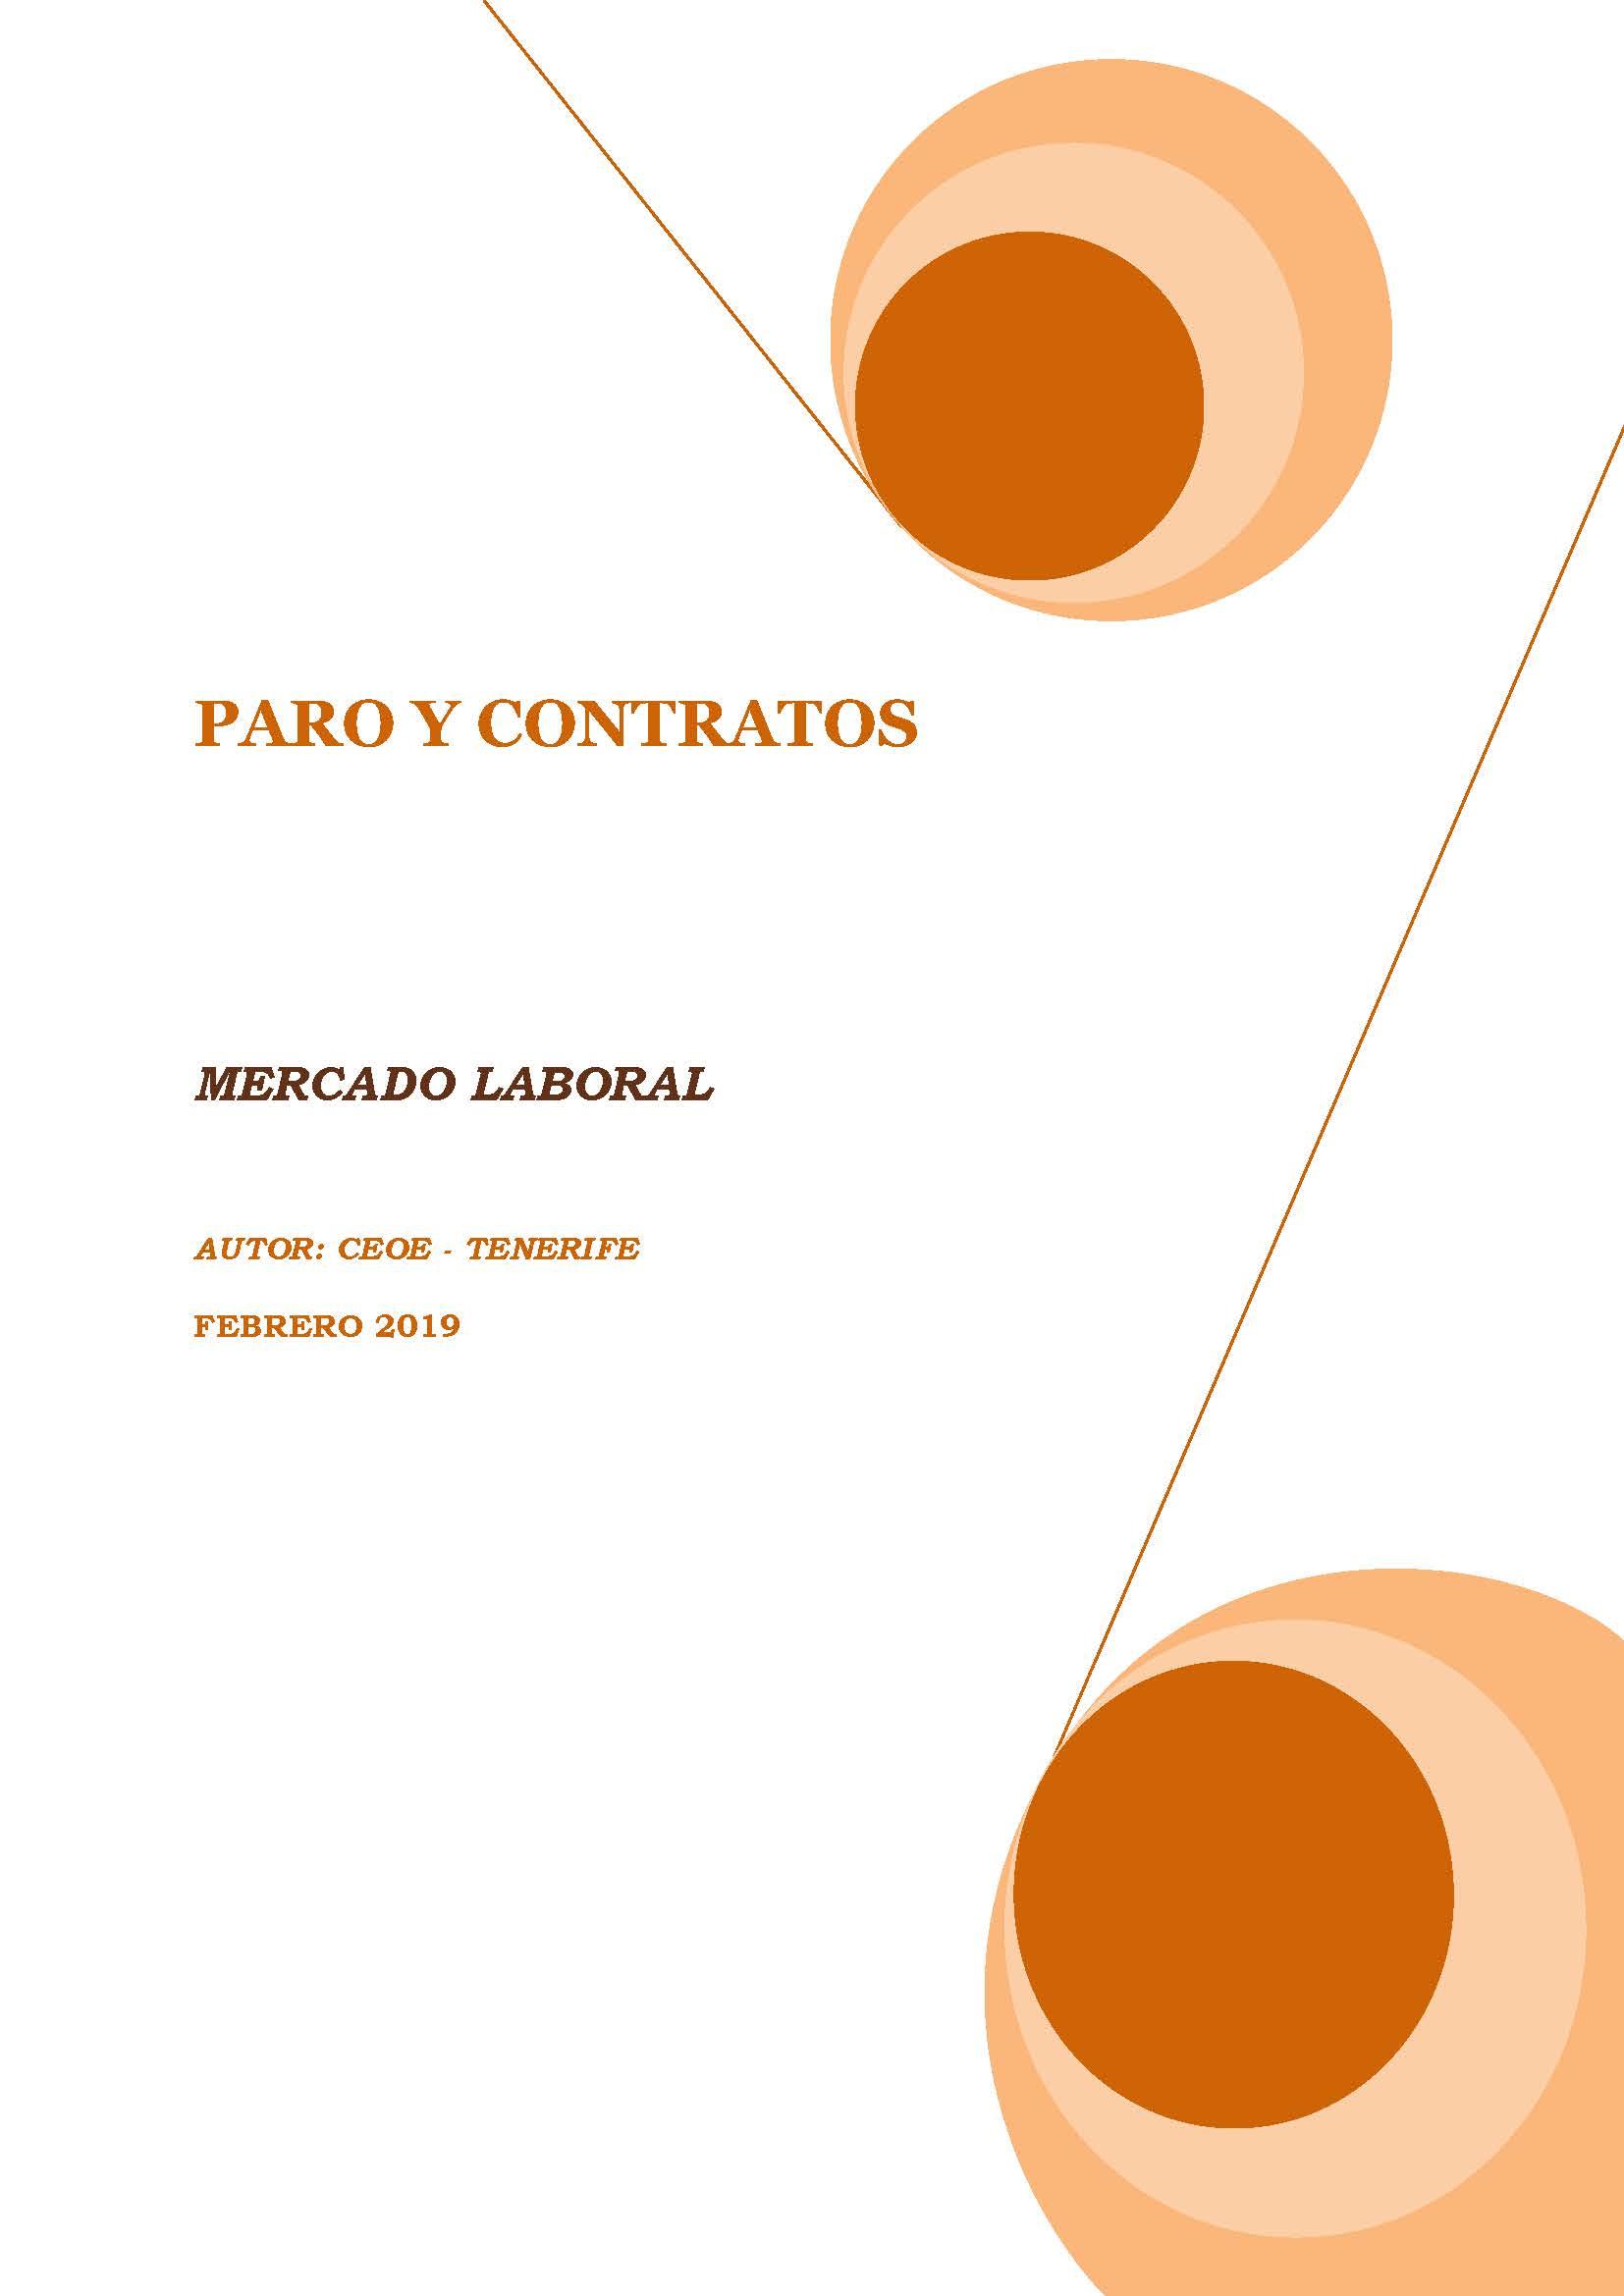 MERCADO LABORAL - PARO Y CONTRATOS FEBRERO 2019